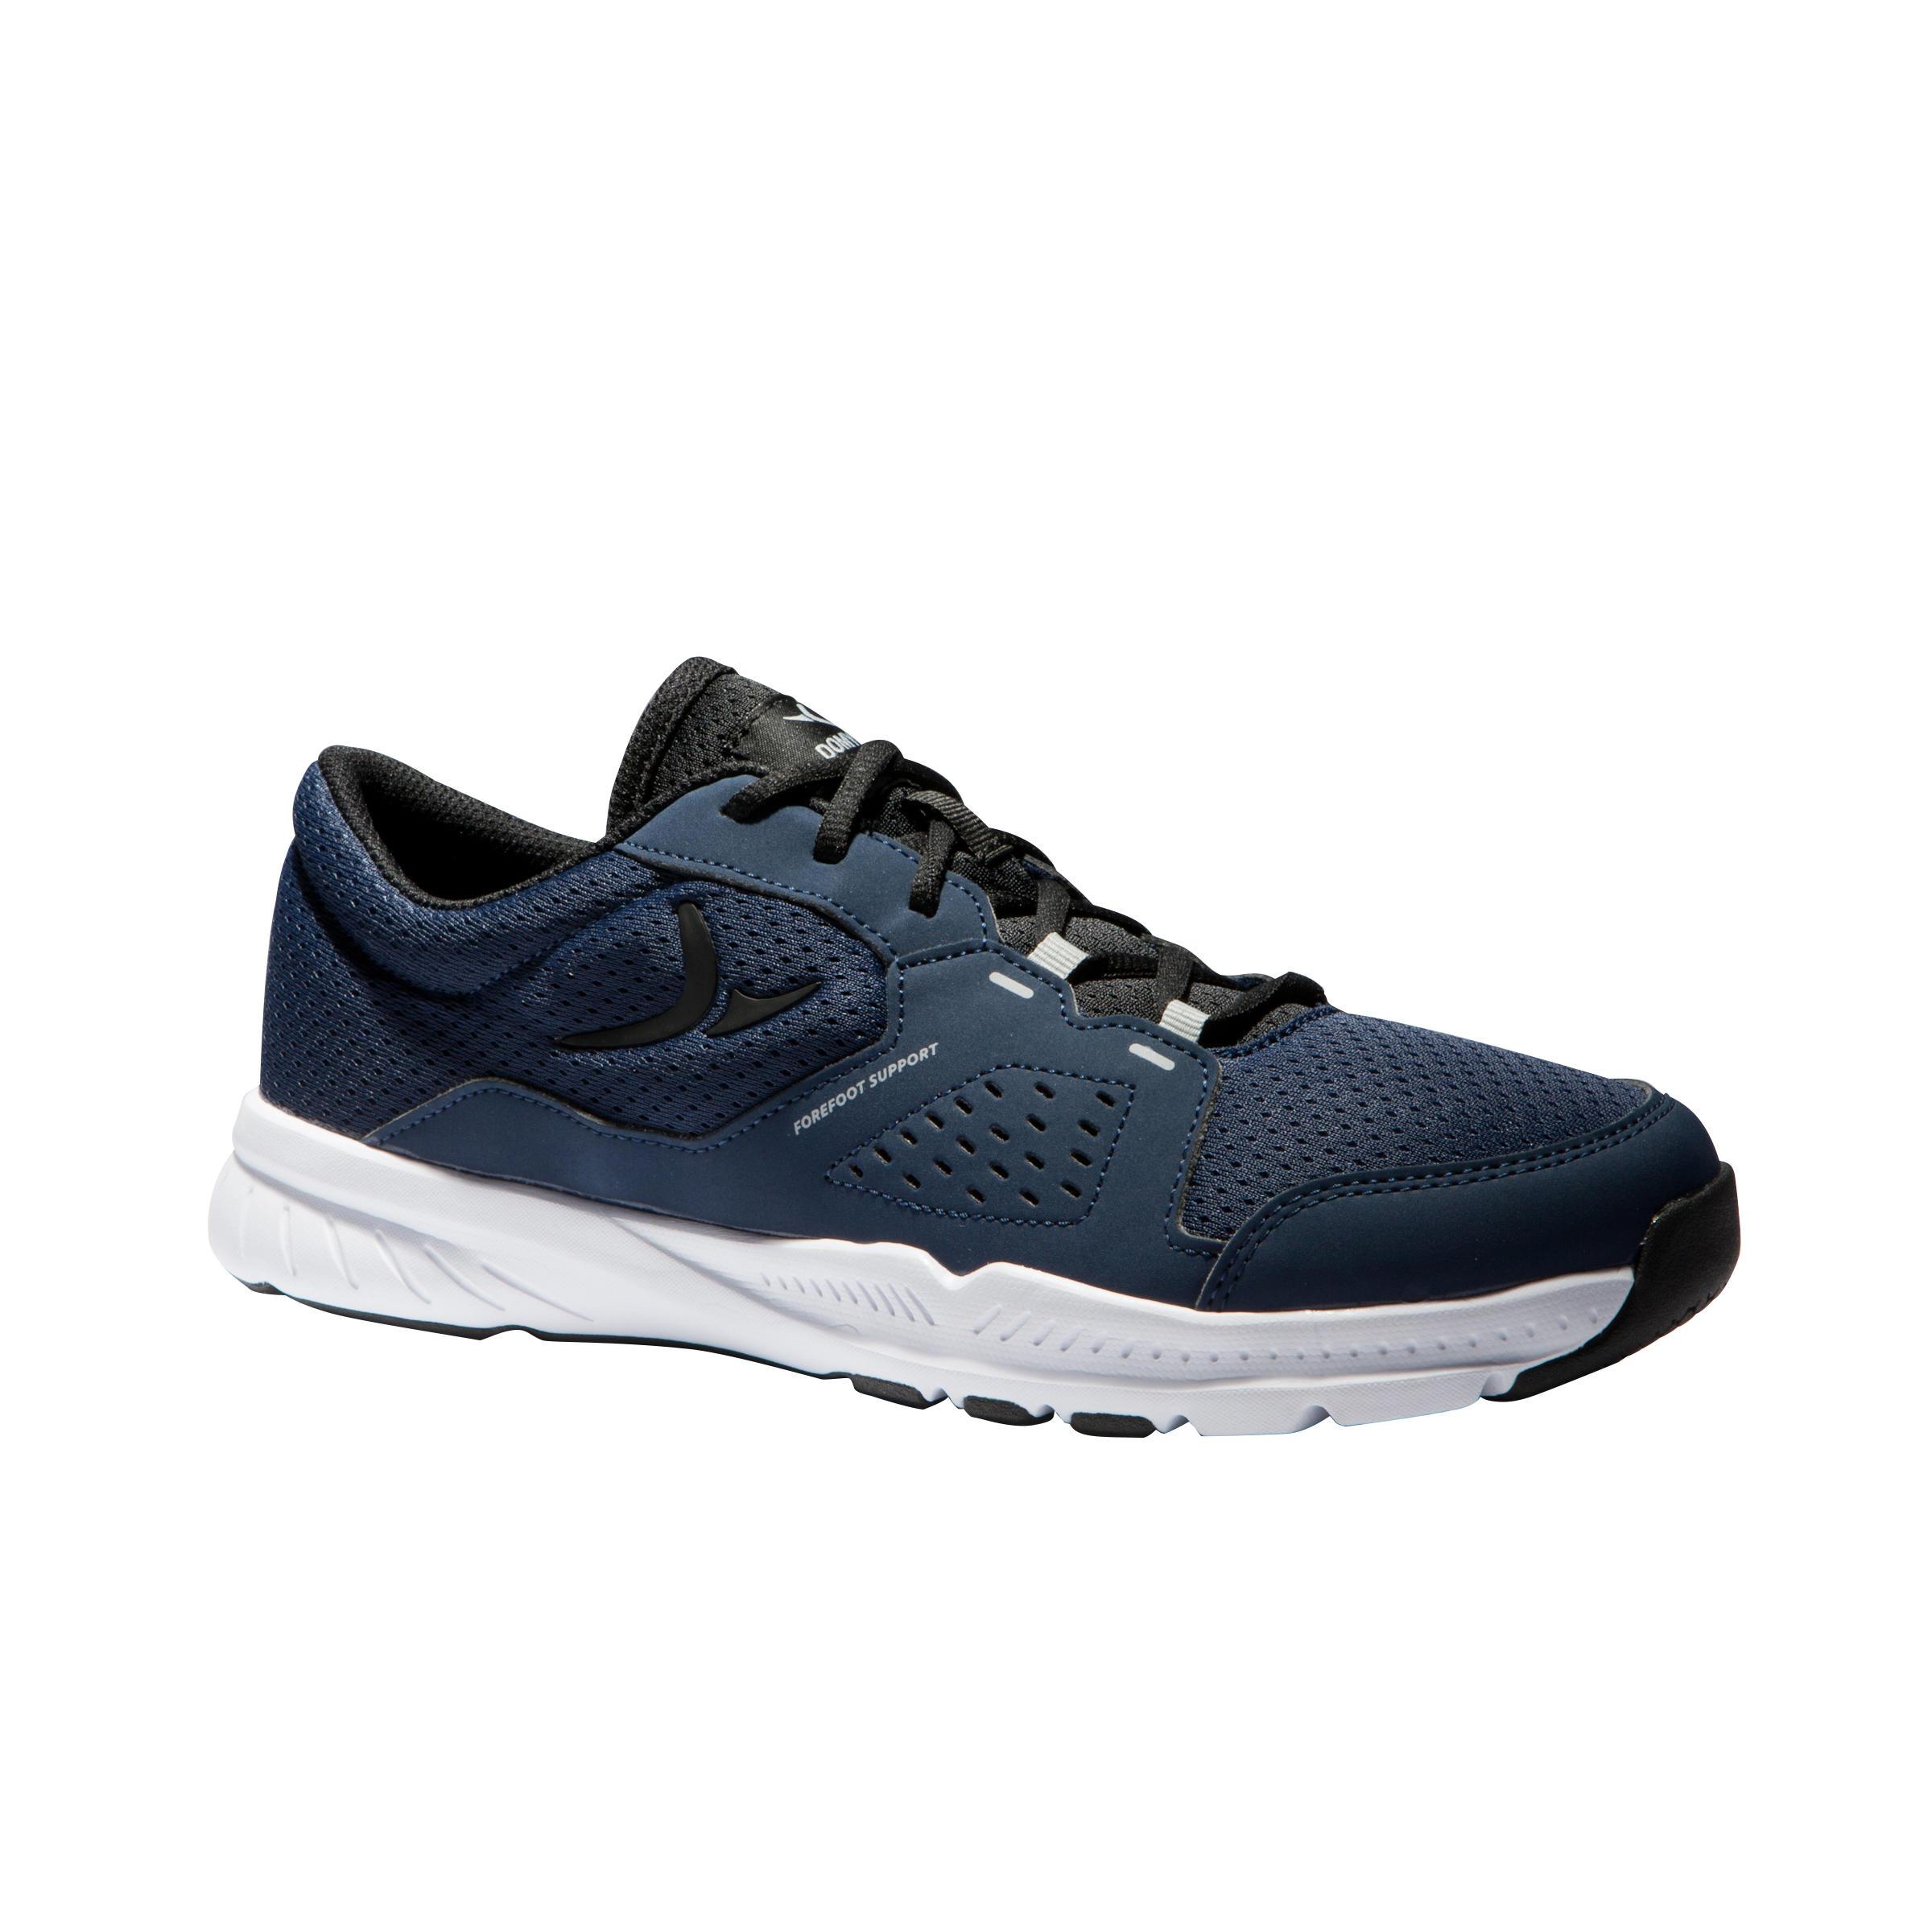 Domyos Fitnessschoenen Cardio 100 heren zwart en blauw